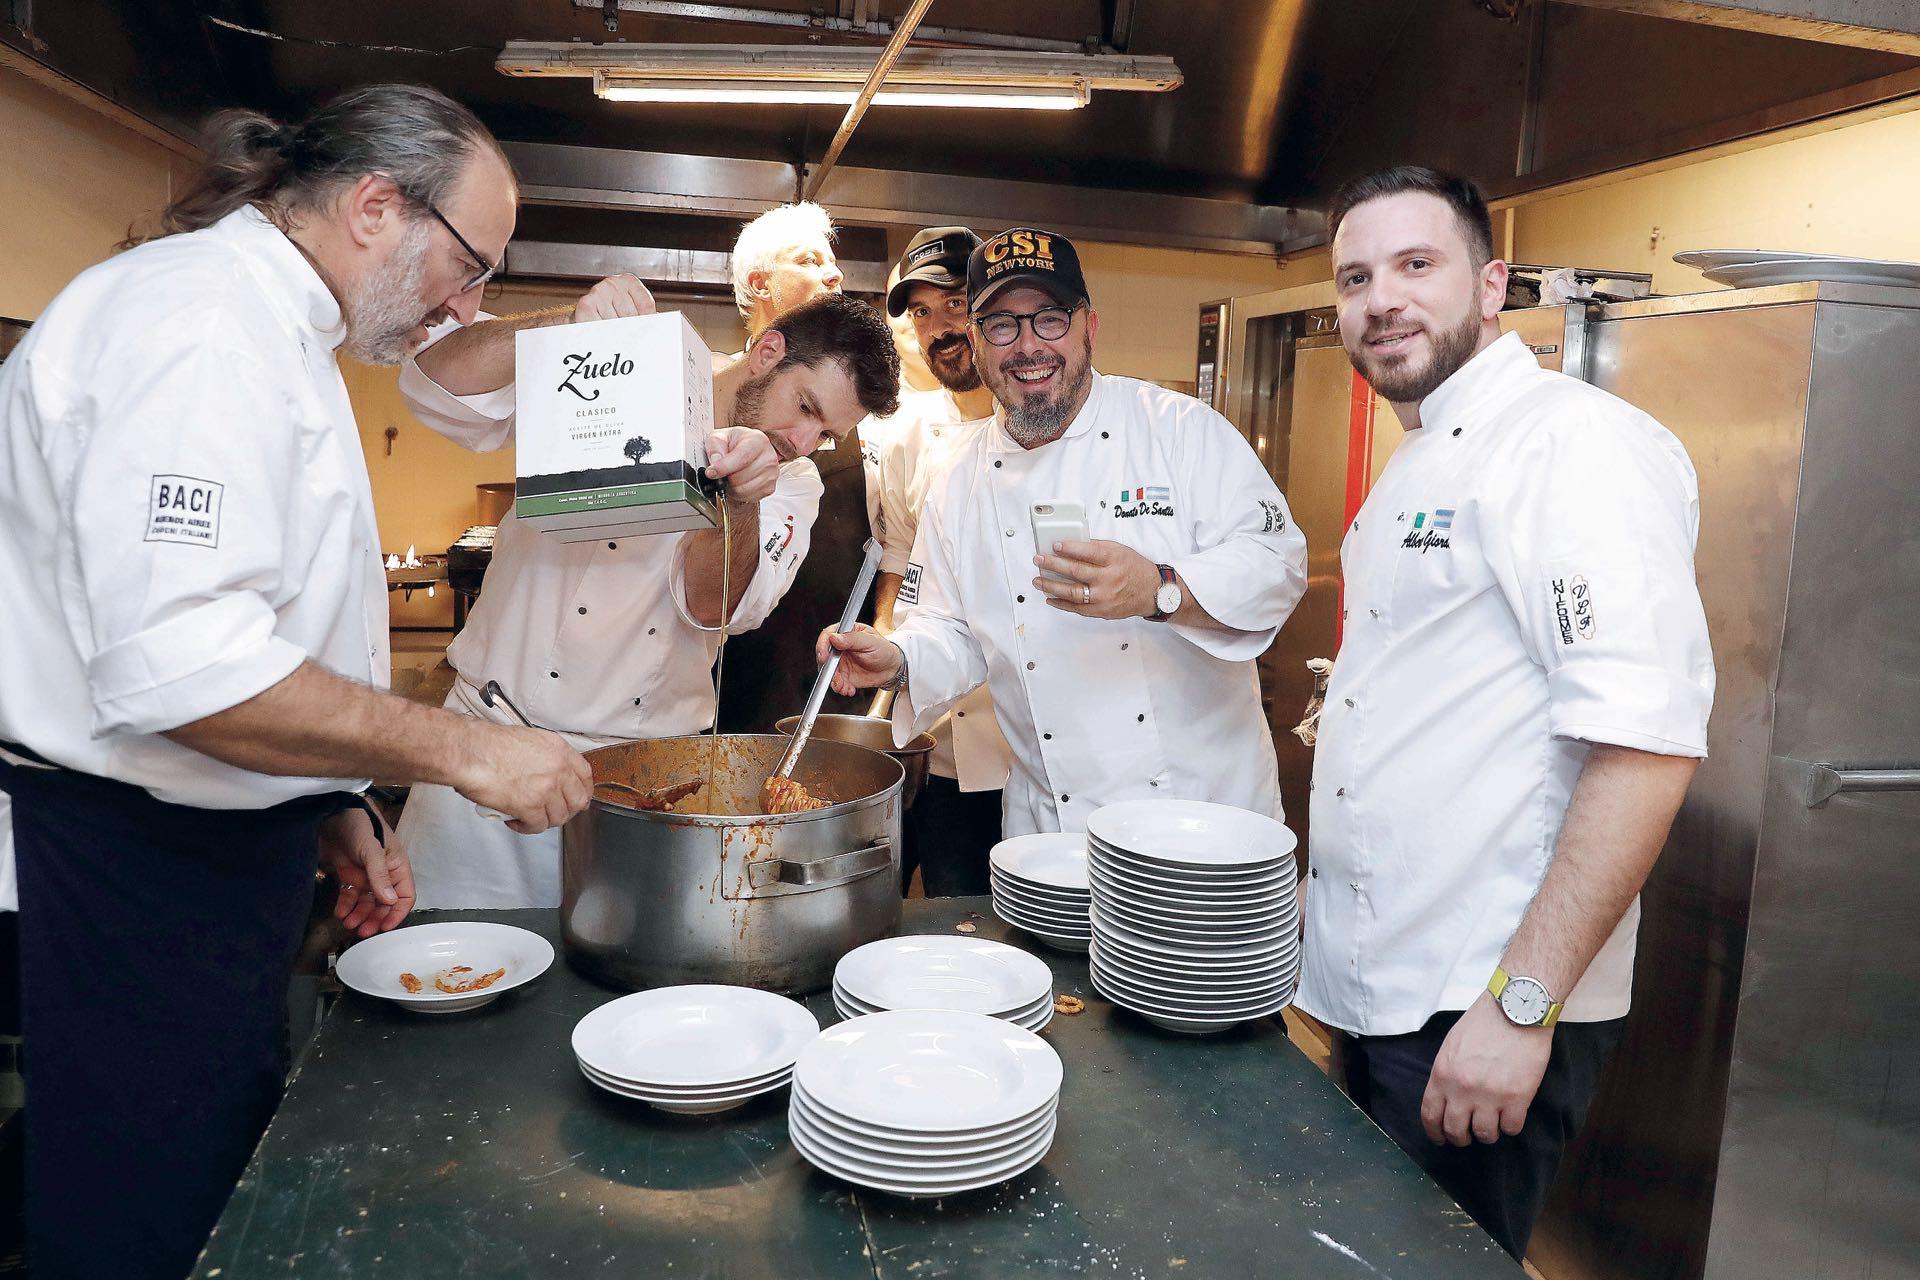 Los maestros, preparando una de las delicias que se sirvieron en el Panamericano. Foto: Francisco Trombetta/GENTE